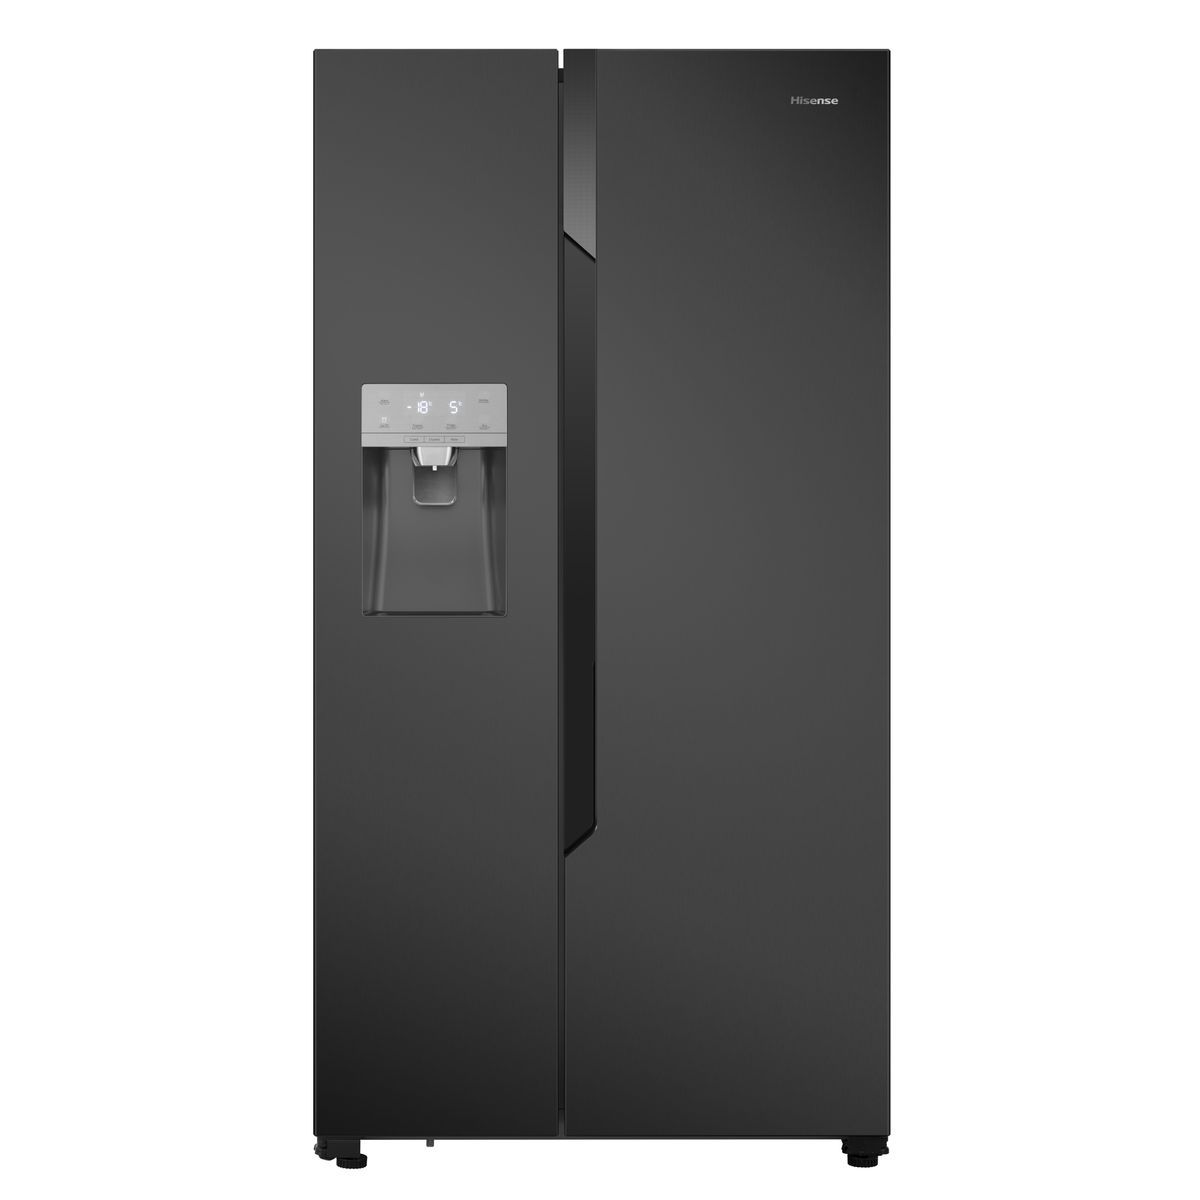 Réfrigérateur américain FSN535T320F 535 L, Froid no Frost